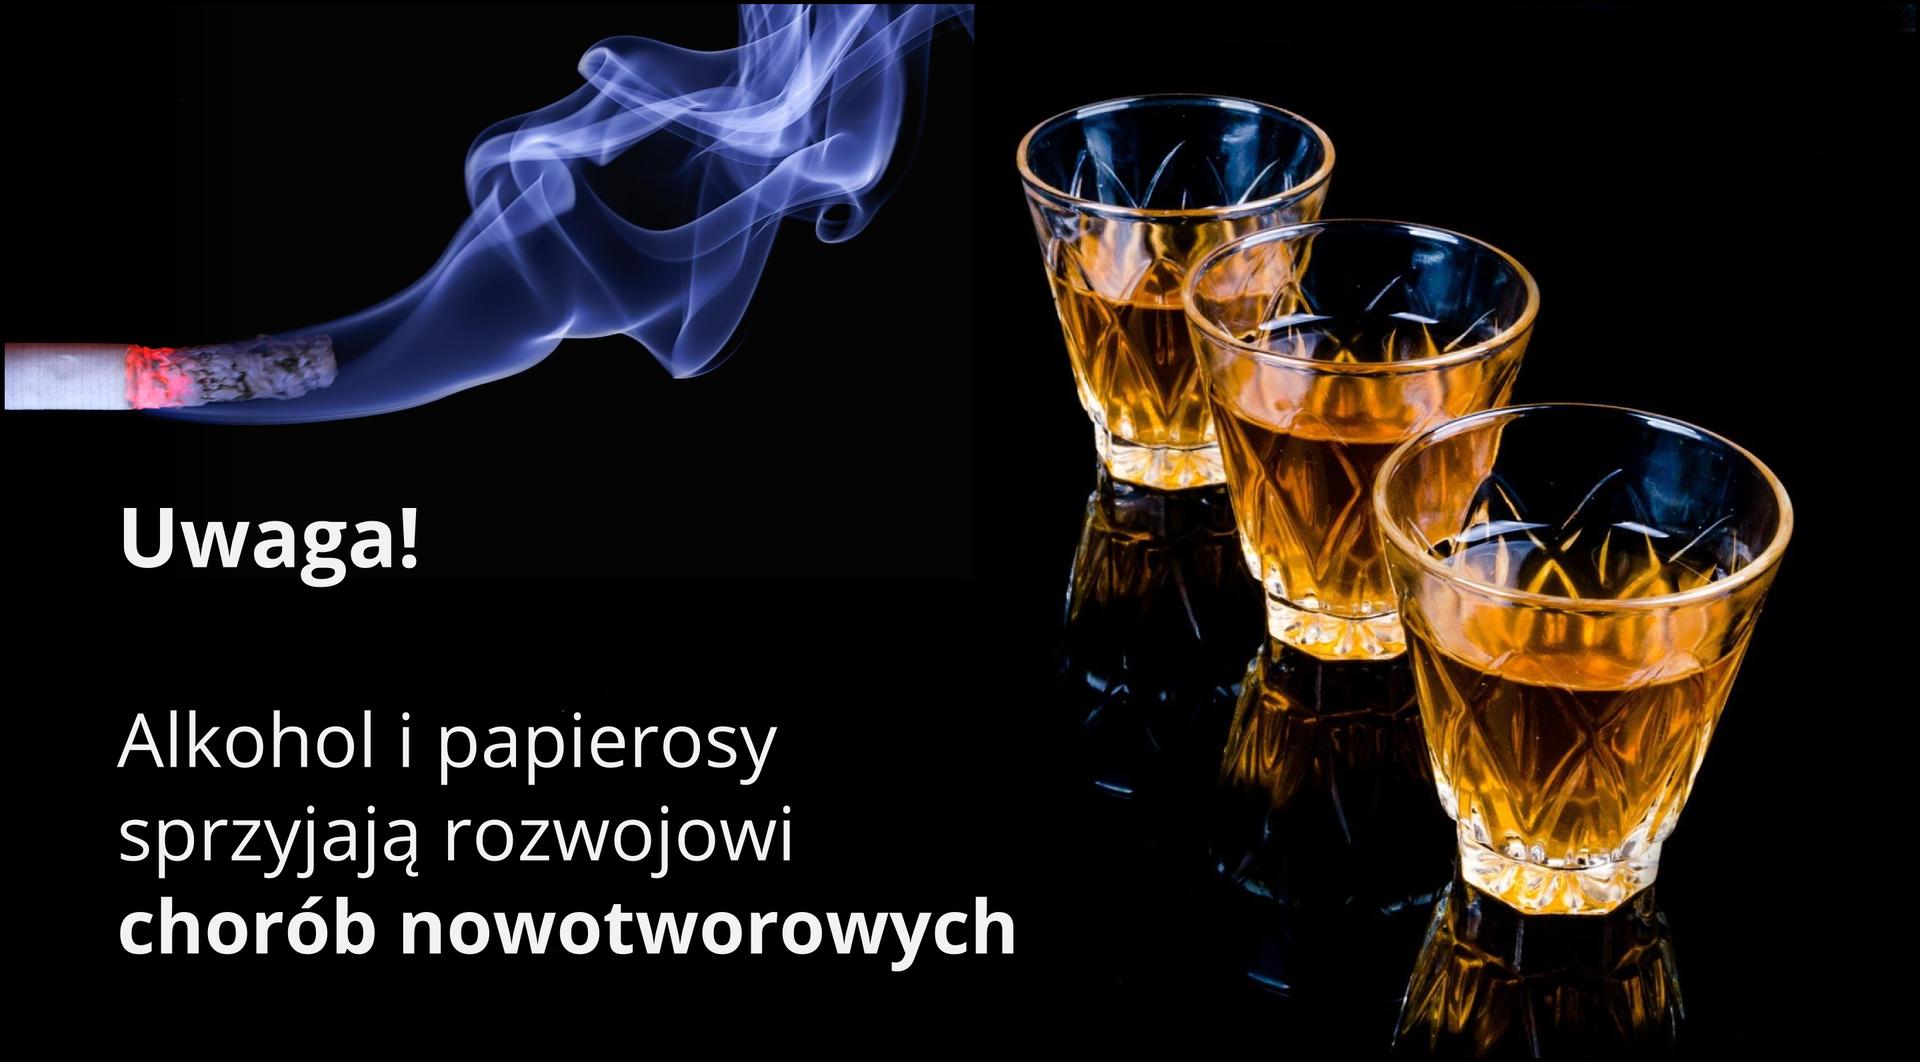 Alkohol jest związkiem zwiększającym działanie substancji rakotwórczych. Wtaki sposób alkohol działa uludzi poddanych ekspozycji na substancje rakotwórcze zawarte wdymie tytoniowym. Upalaczy rzadko występuje rak górnej części przewodu pokarmowego lub jamy ustnej, jednakże palacze tytoniu, którzy również piją alkohol, często zapadają na raka górnej części przewodu pokarmowego.